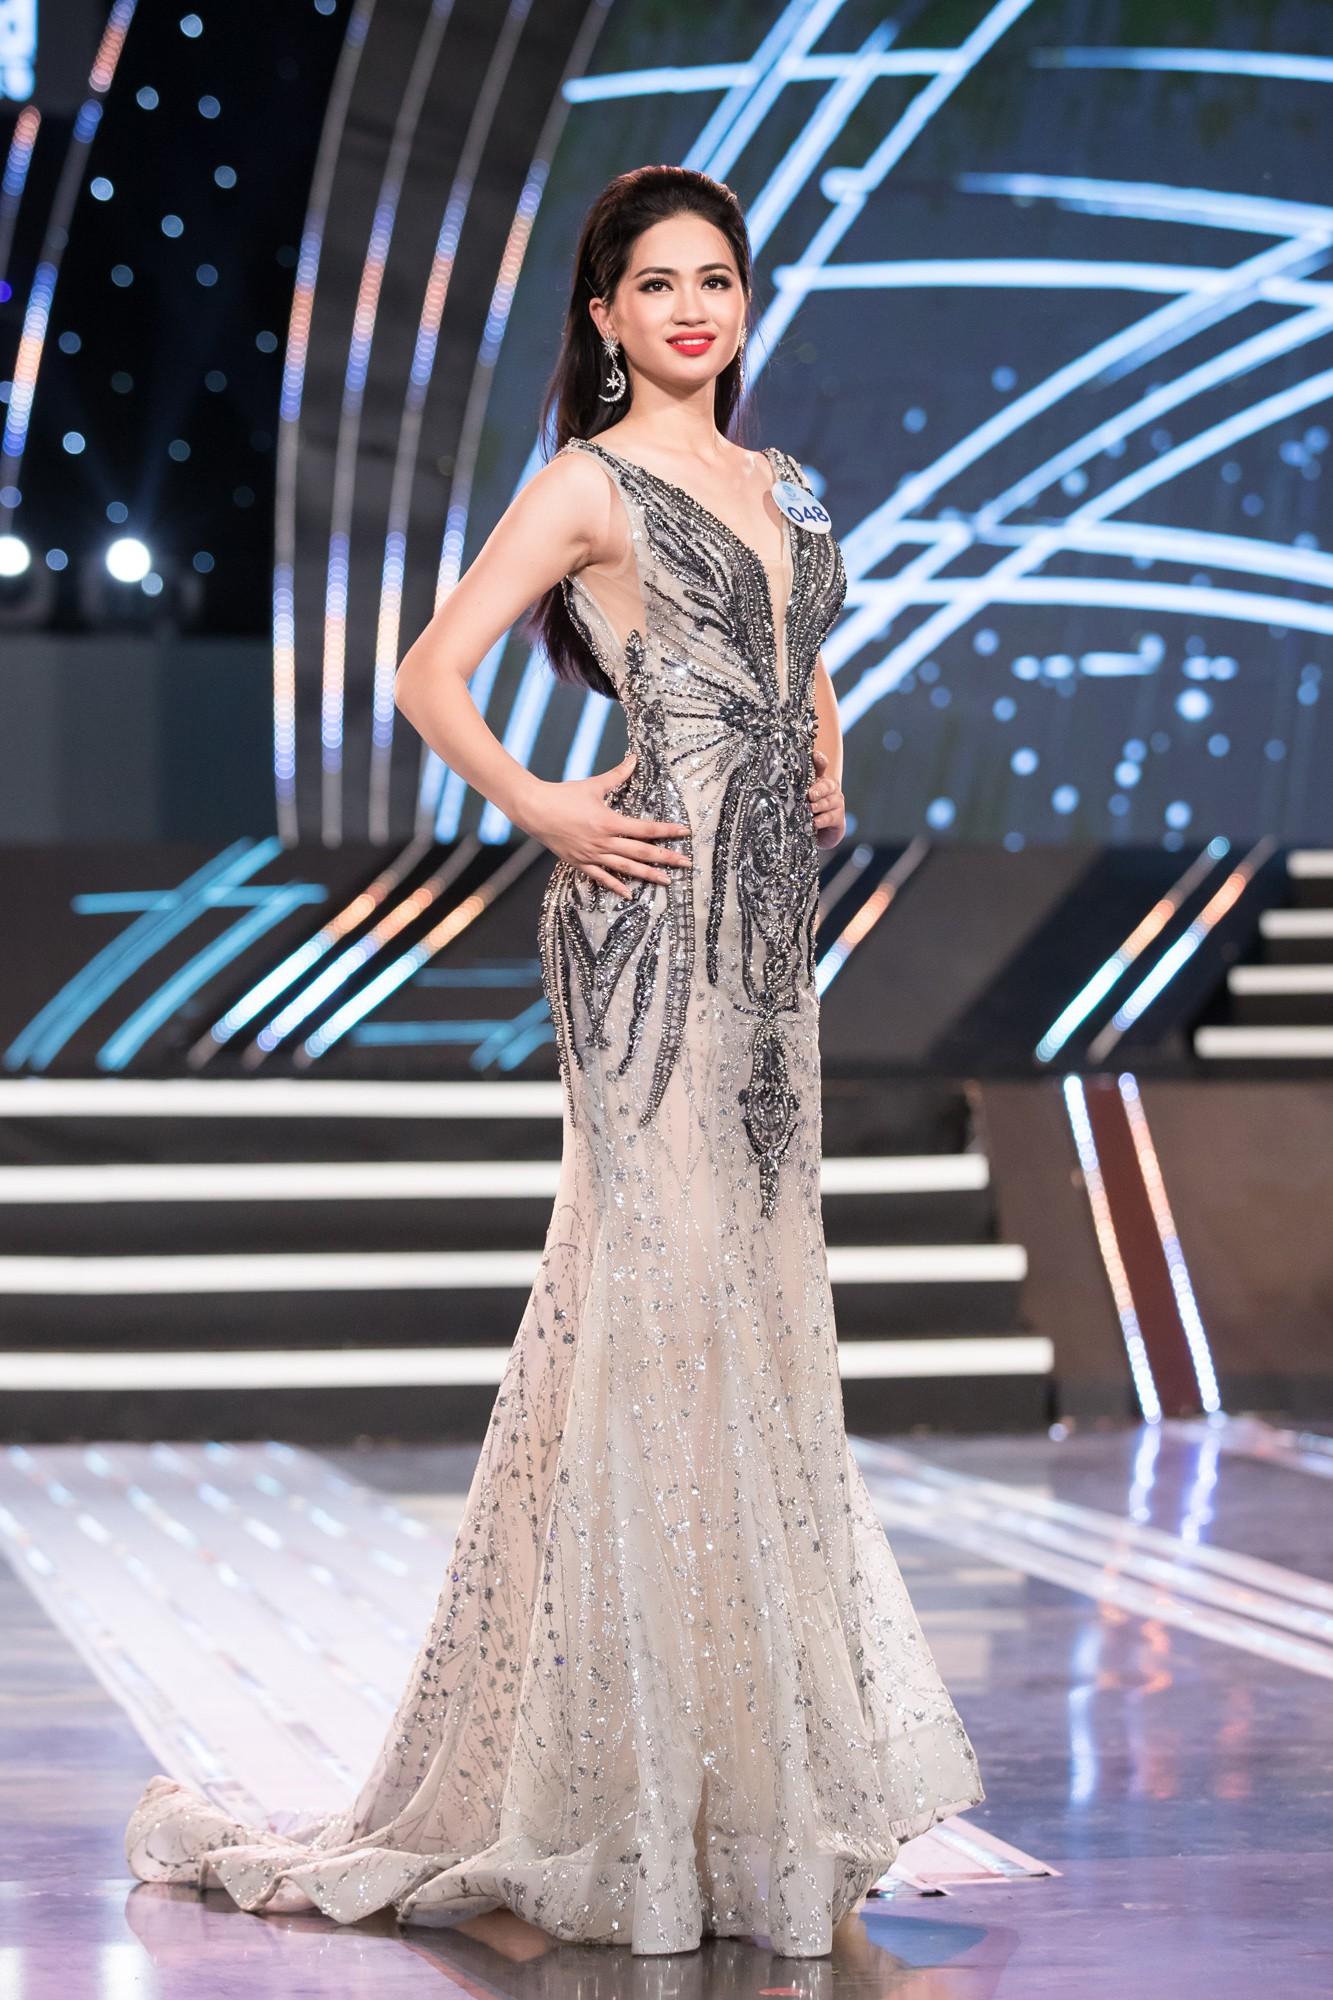 Chính thức lộ diện 20 chiến binh tiếp theo bước vào vòng chung kết Miss World Việt Nam 2019 - Ảnh 9.